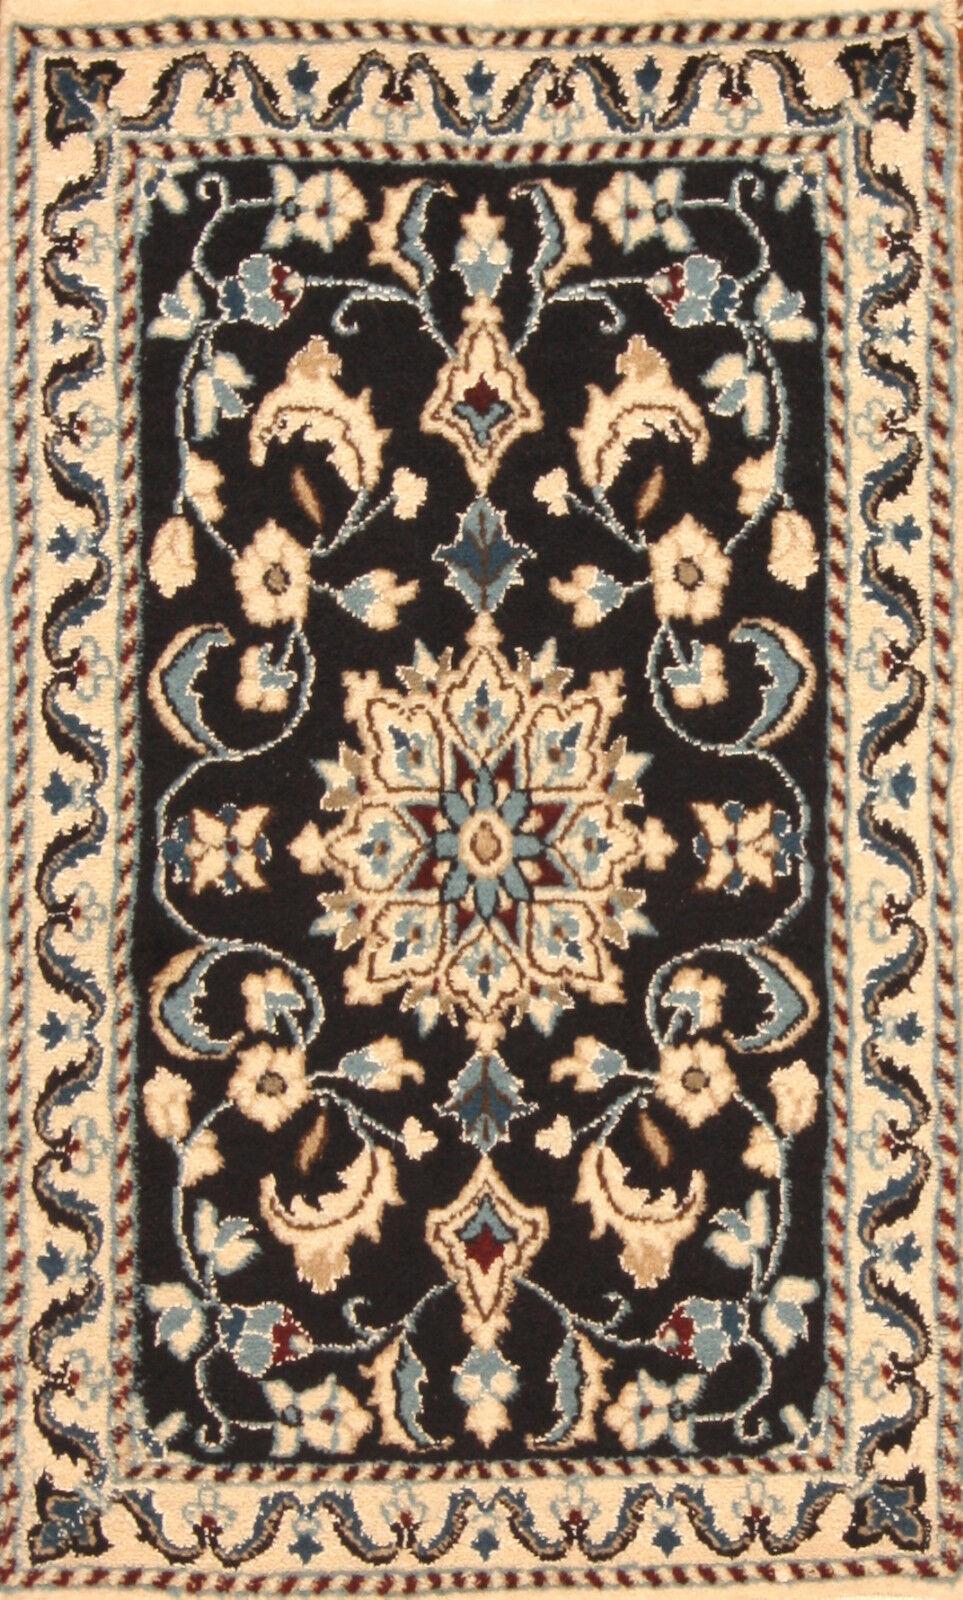 TAPPETO Orientale Vero Annodato Tapis persan 660 (90 x 60) cm Nuovo